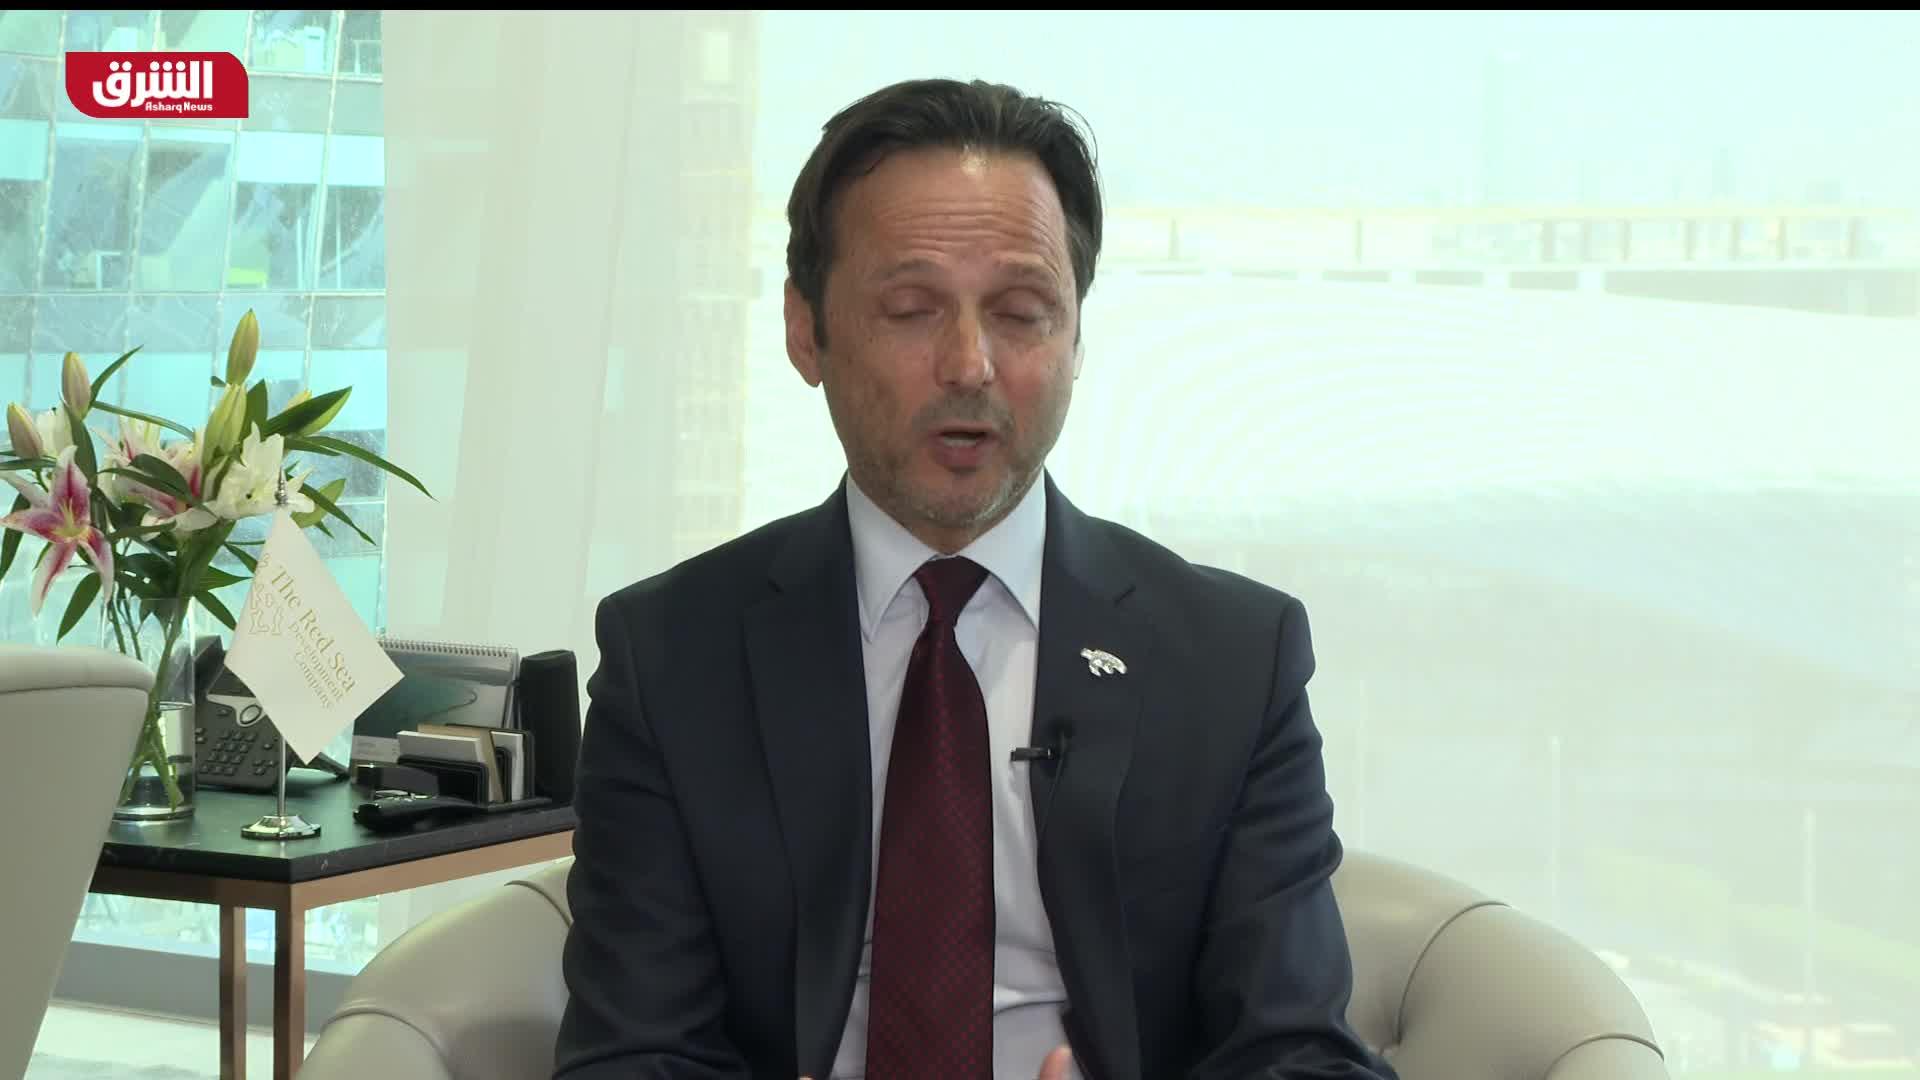 """ماذا يعني """"كورال بلوم"""" الذي أطلقته شركة البحر الأحمر للاقتصاد السعودي؟"""